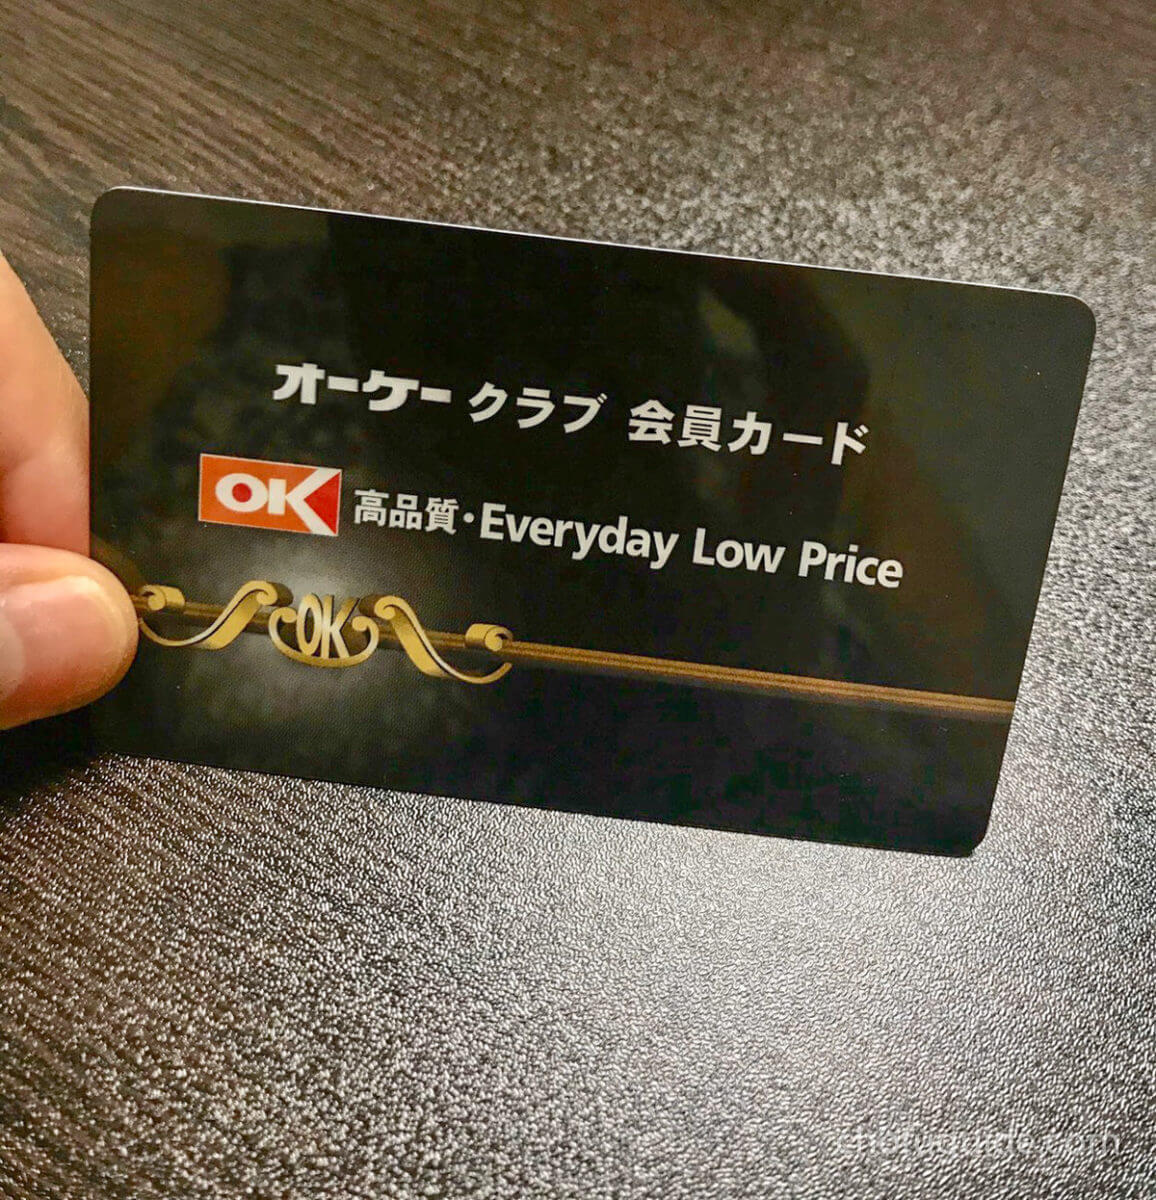 ぜひ利用したい『オーケークラブ会員カード』での3%割引